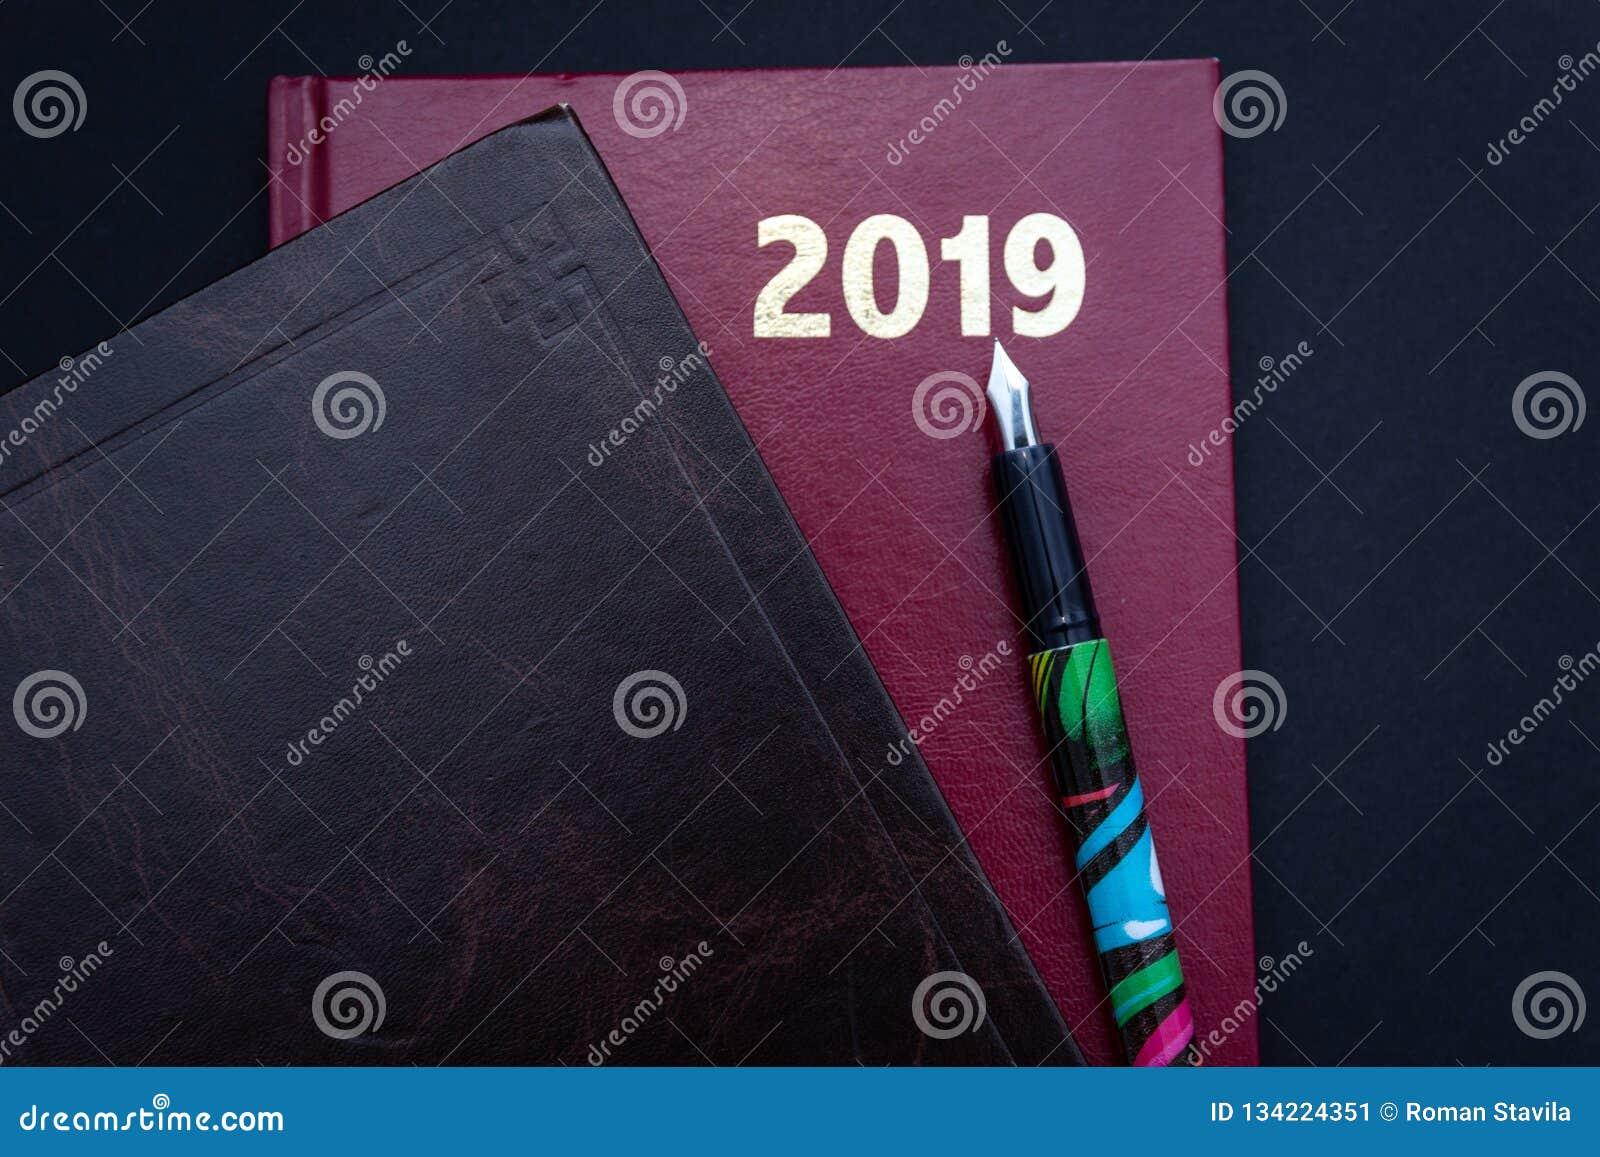 Закройте вверх 2019 красного и коричневых кожаных diarys с авторучкой